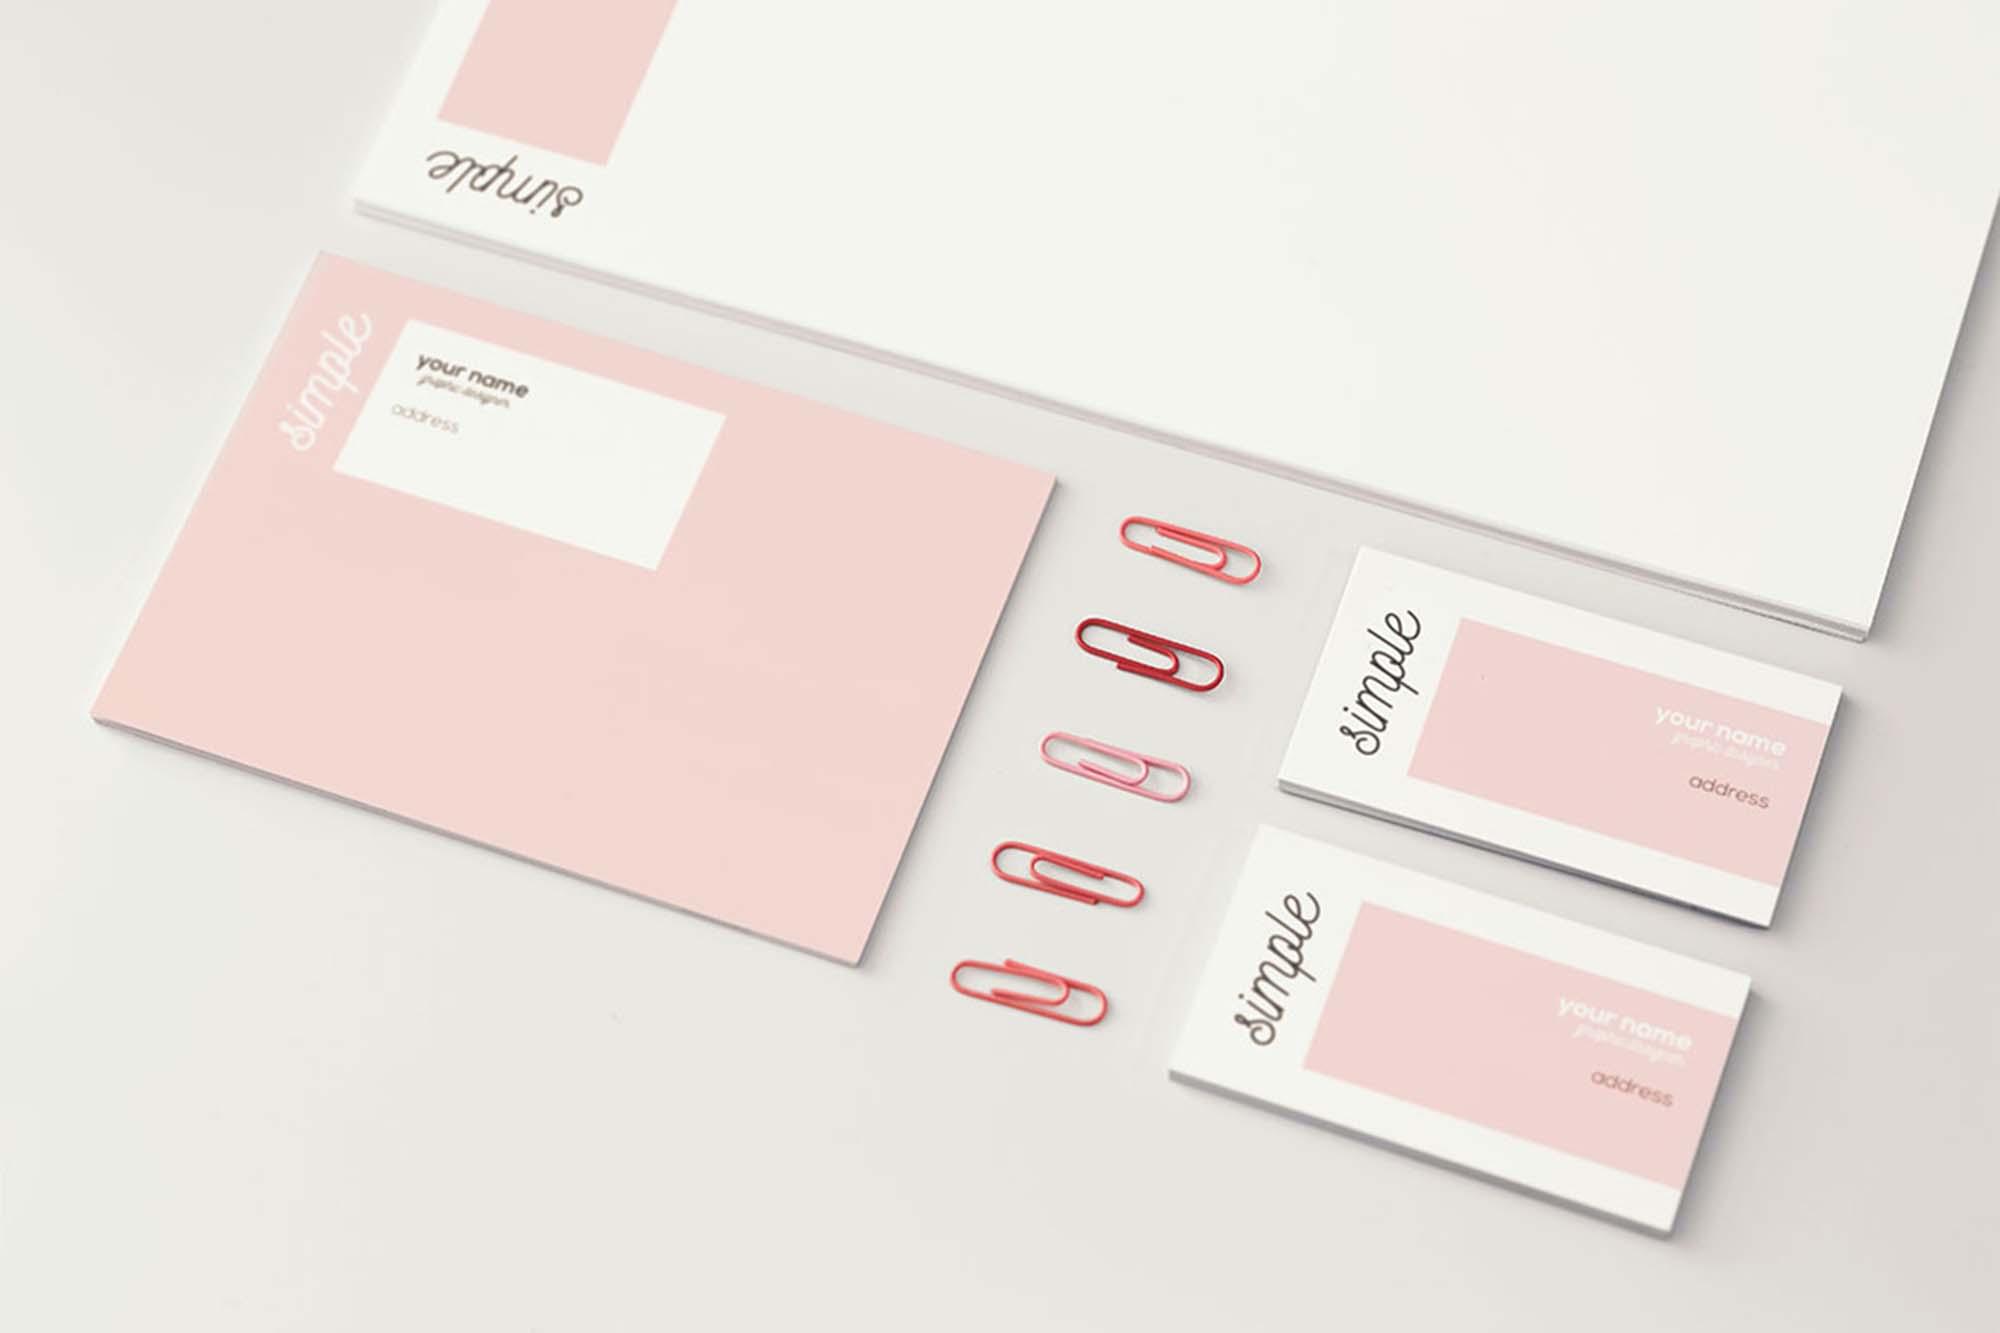 Feminine Branding Mockup